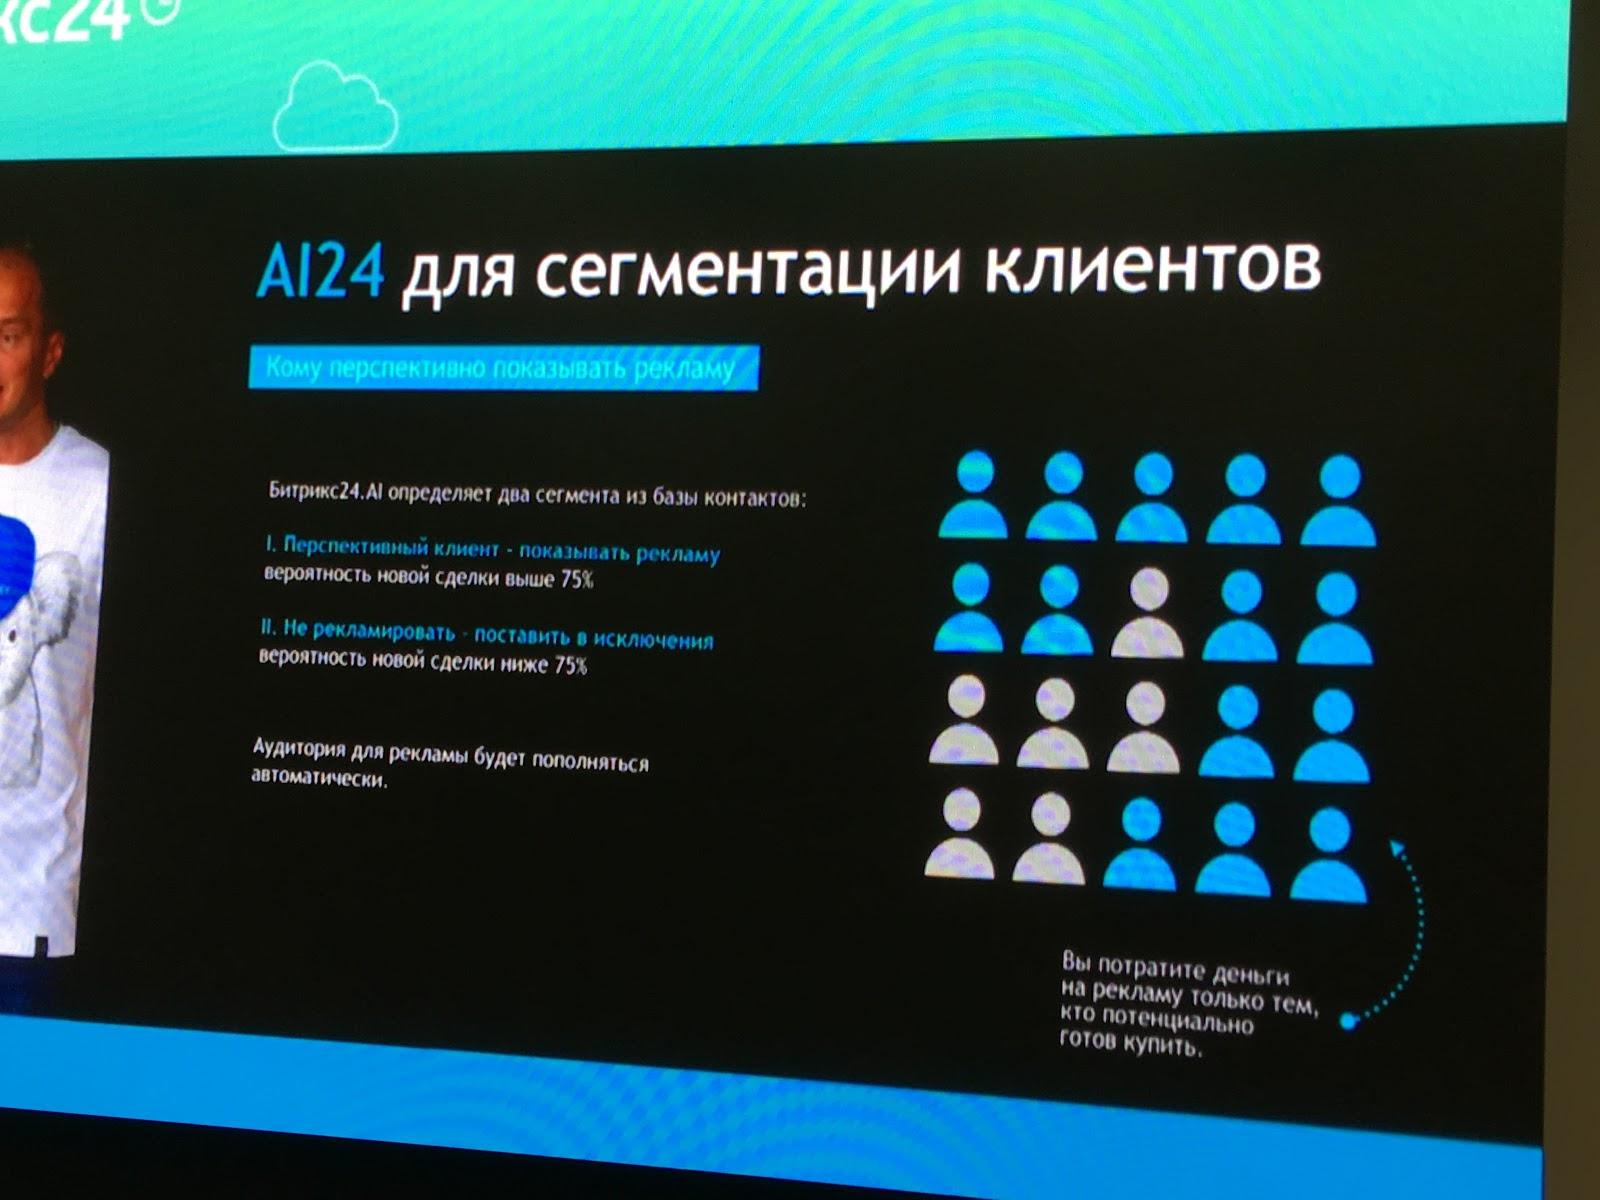 AI24 для сегментации клиентов